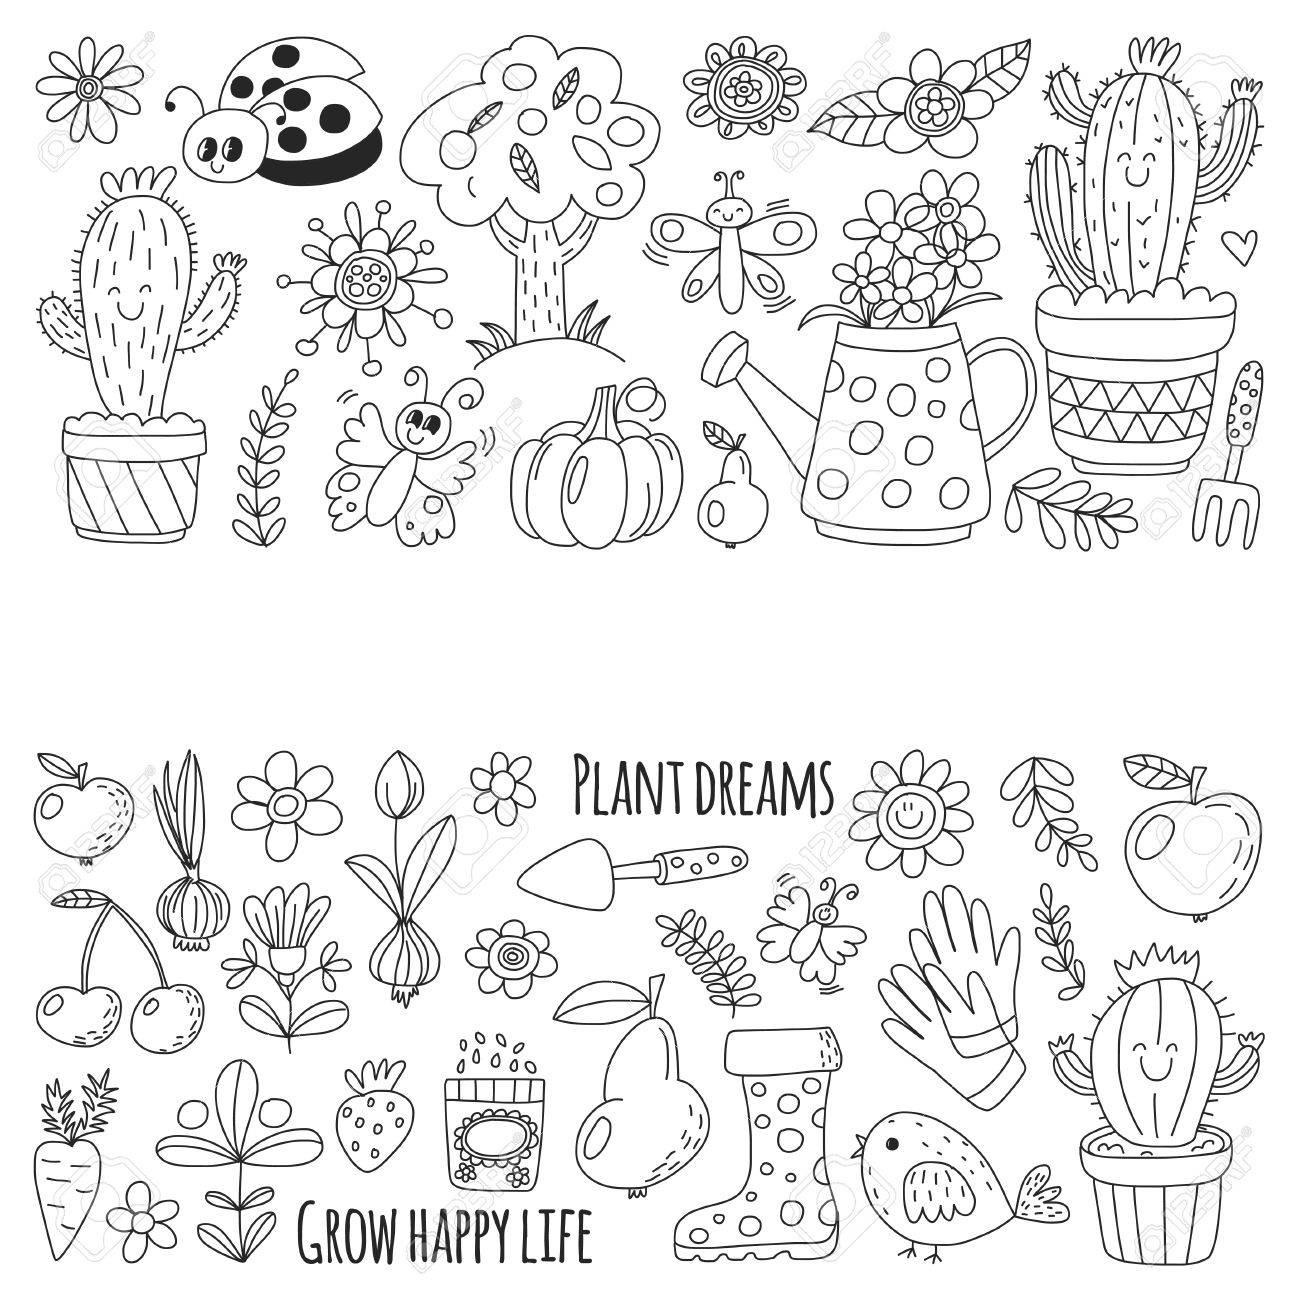 Netter Vektor Garten Mit Vögeln, Kaktus, Pflanzen, Früchte, Beeren ...